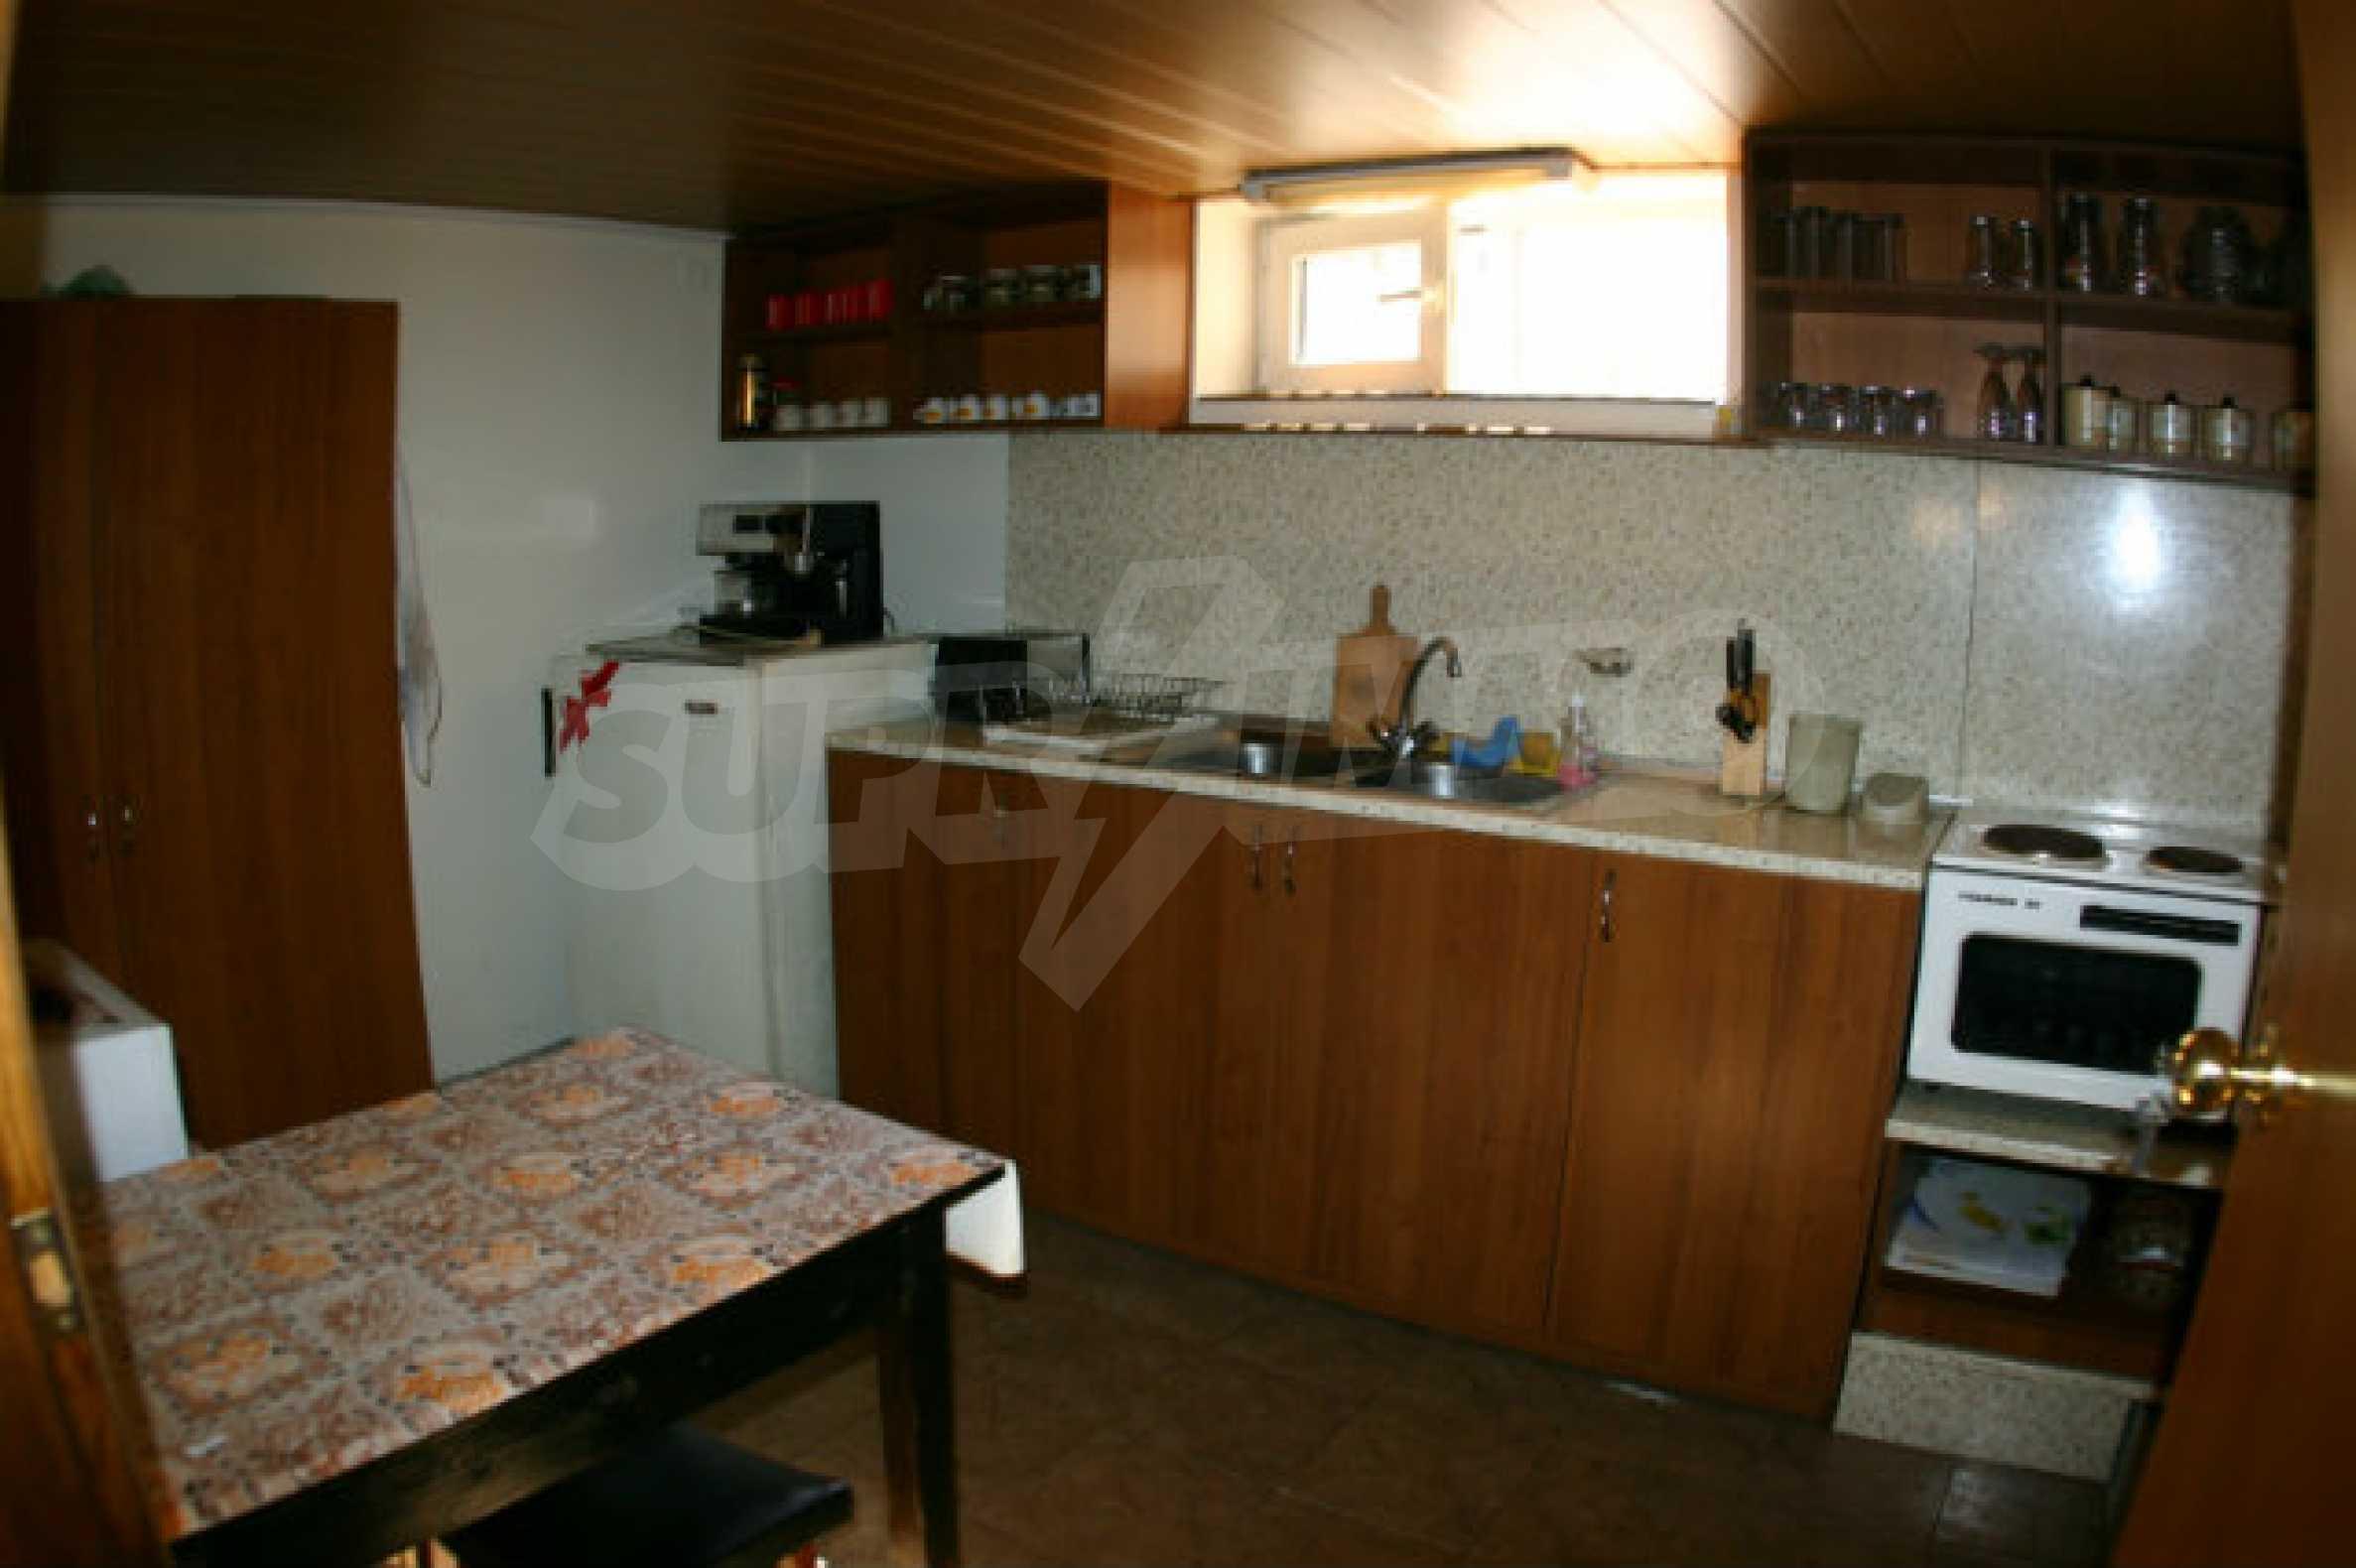 Familienhotel zum Verkauf in Dobrinischte, 6 km von Bansko entfernt 5